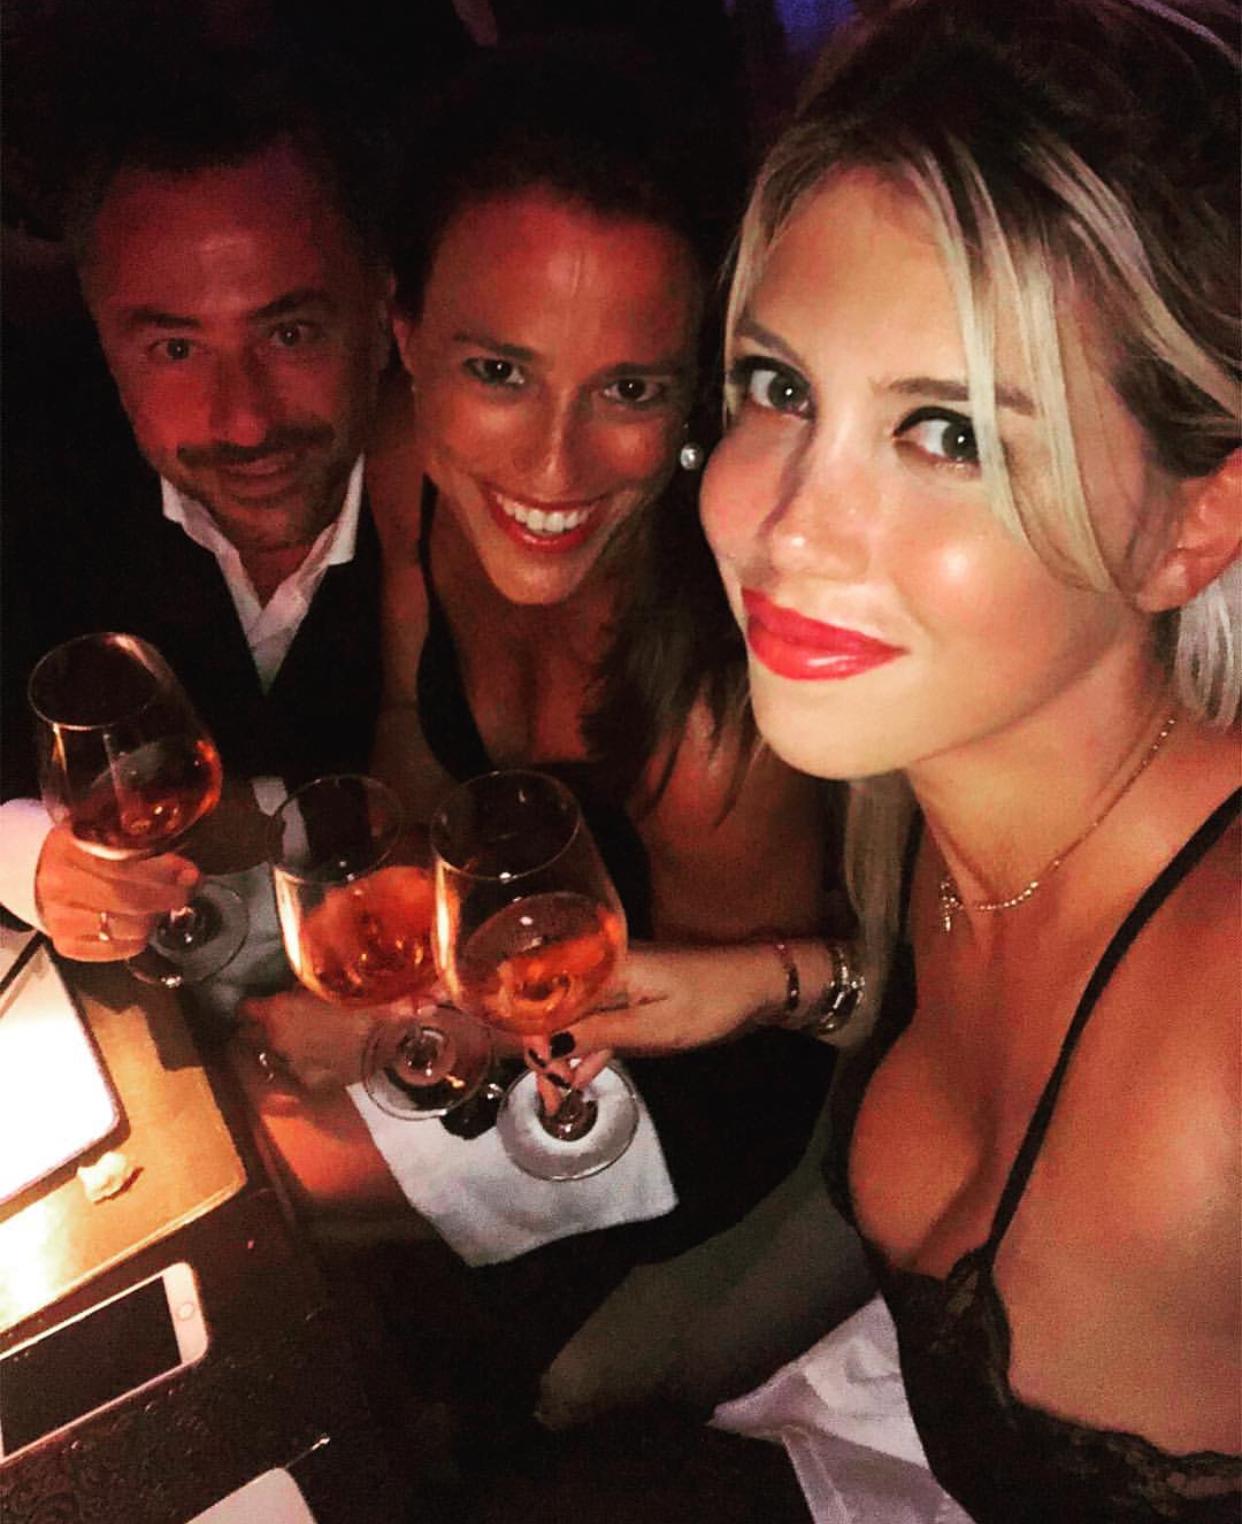 Jet Privato Milano Ibiza : Vacanze di lusso per mauro icardi e wanda nara a ibiza